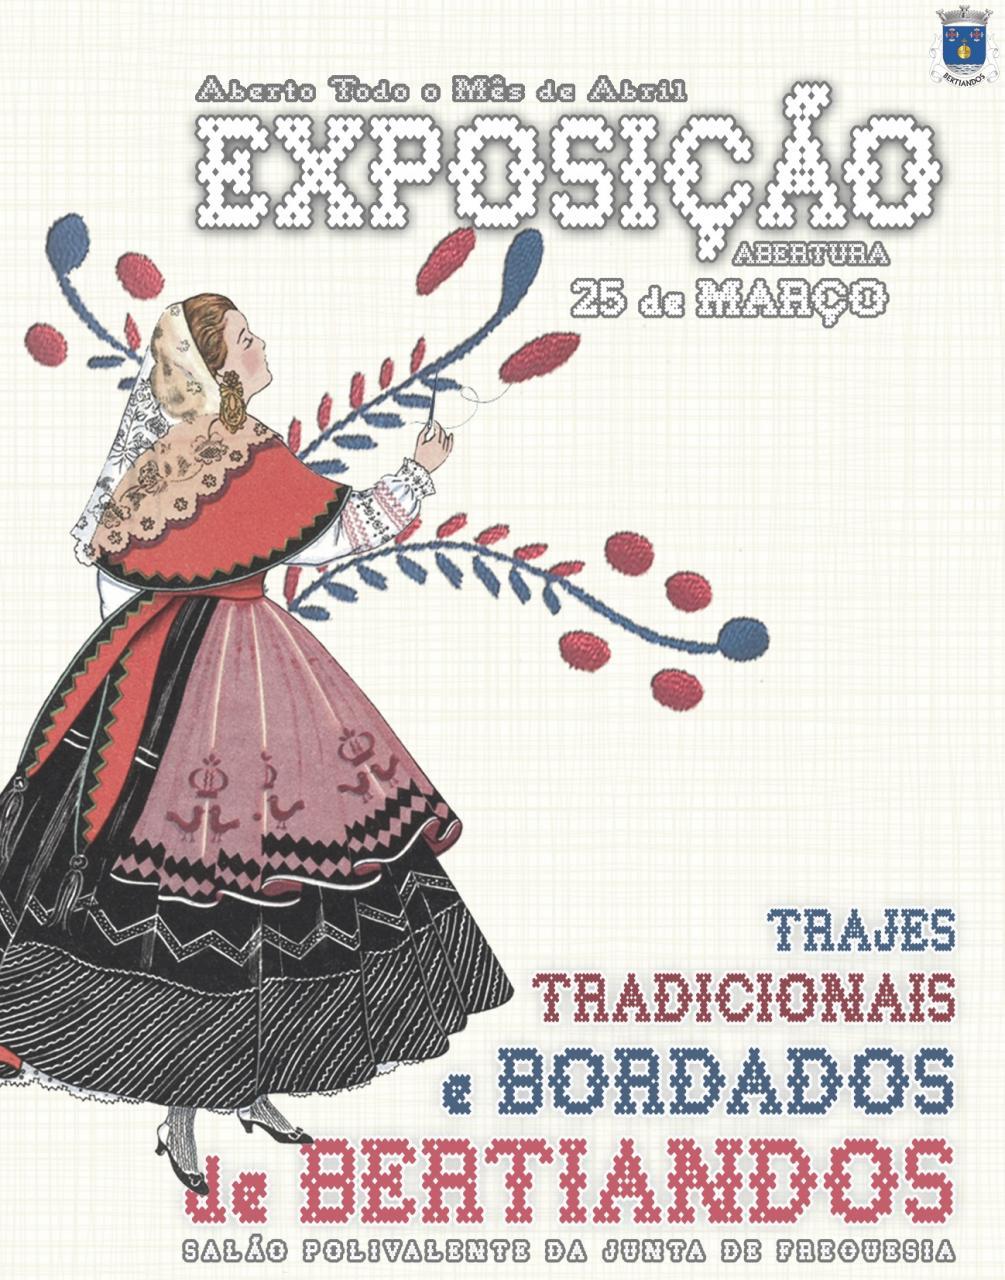 Exposição Trajes Tradicionais e Bordados de Bertiandos